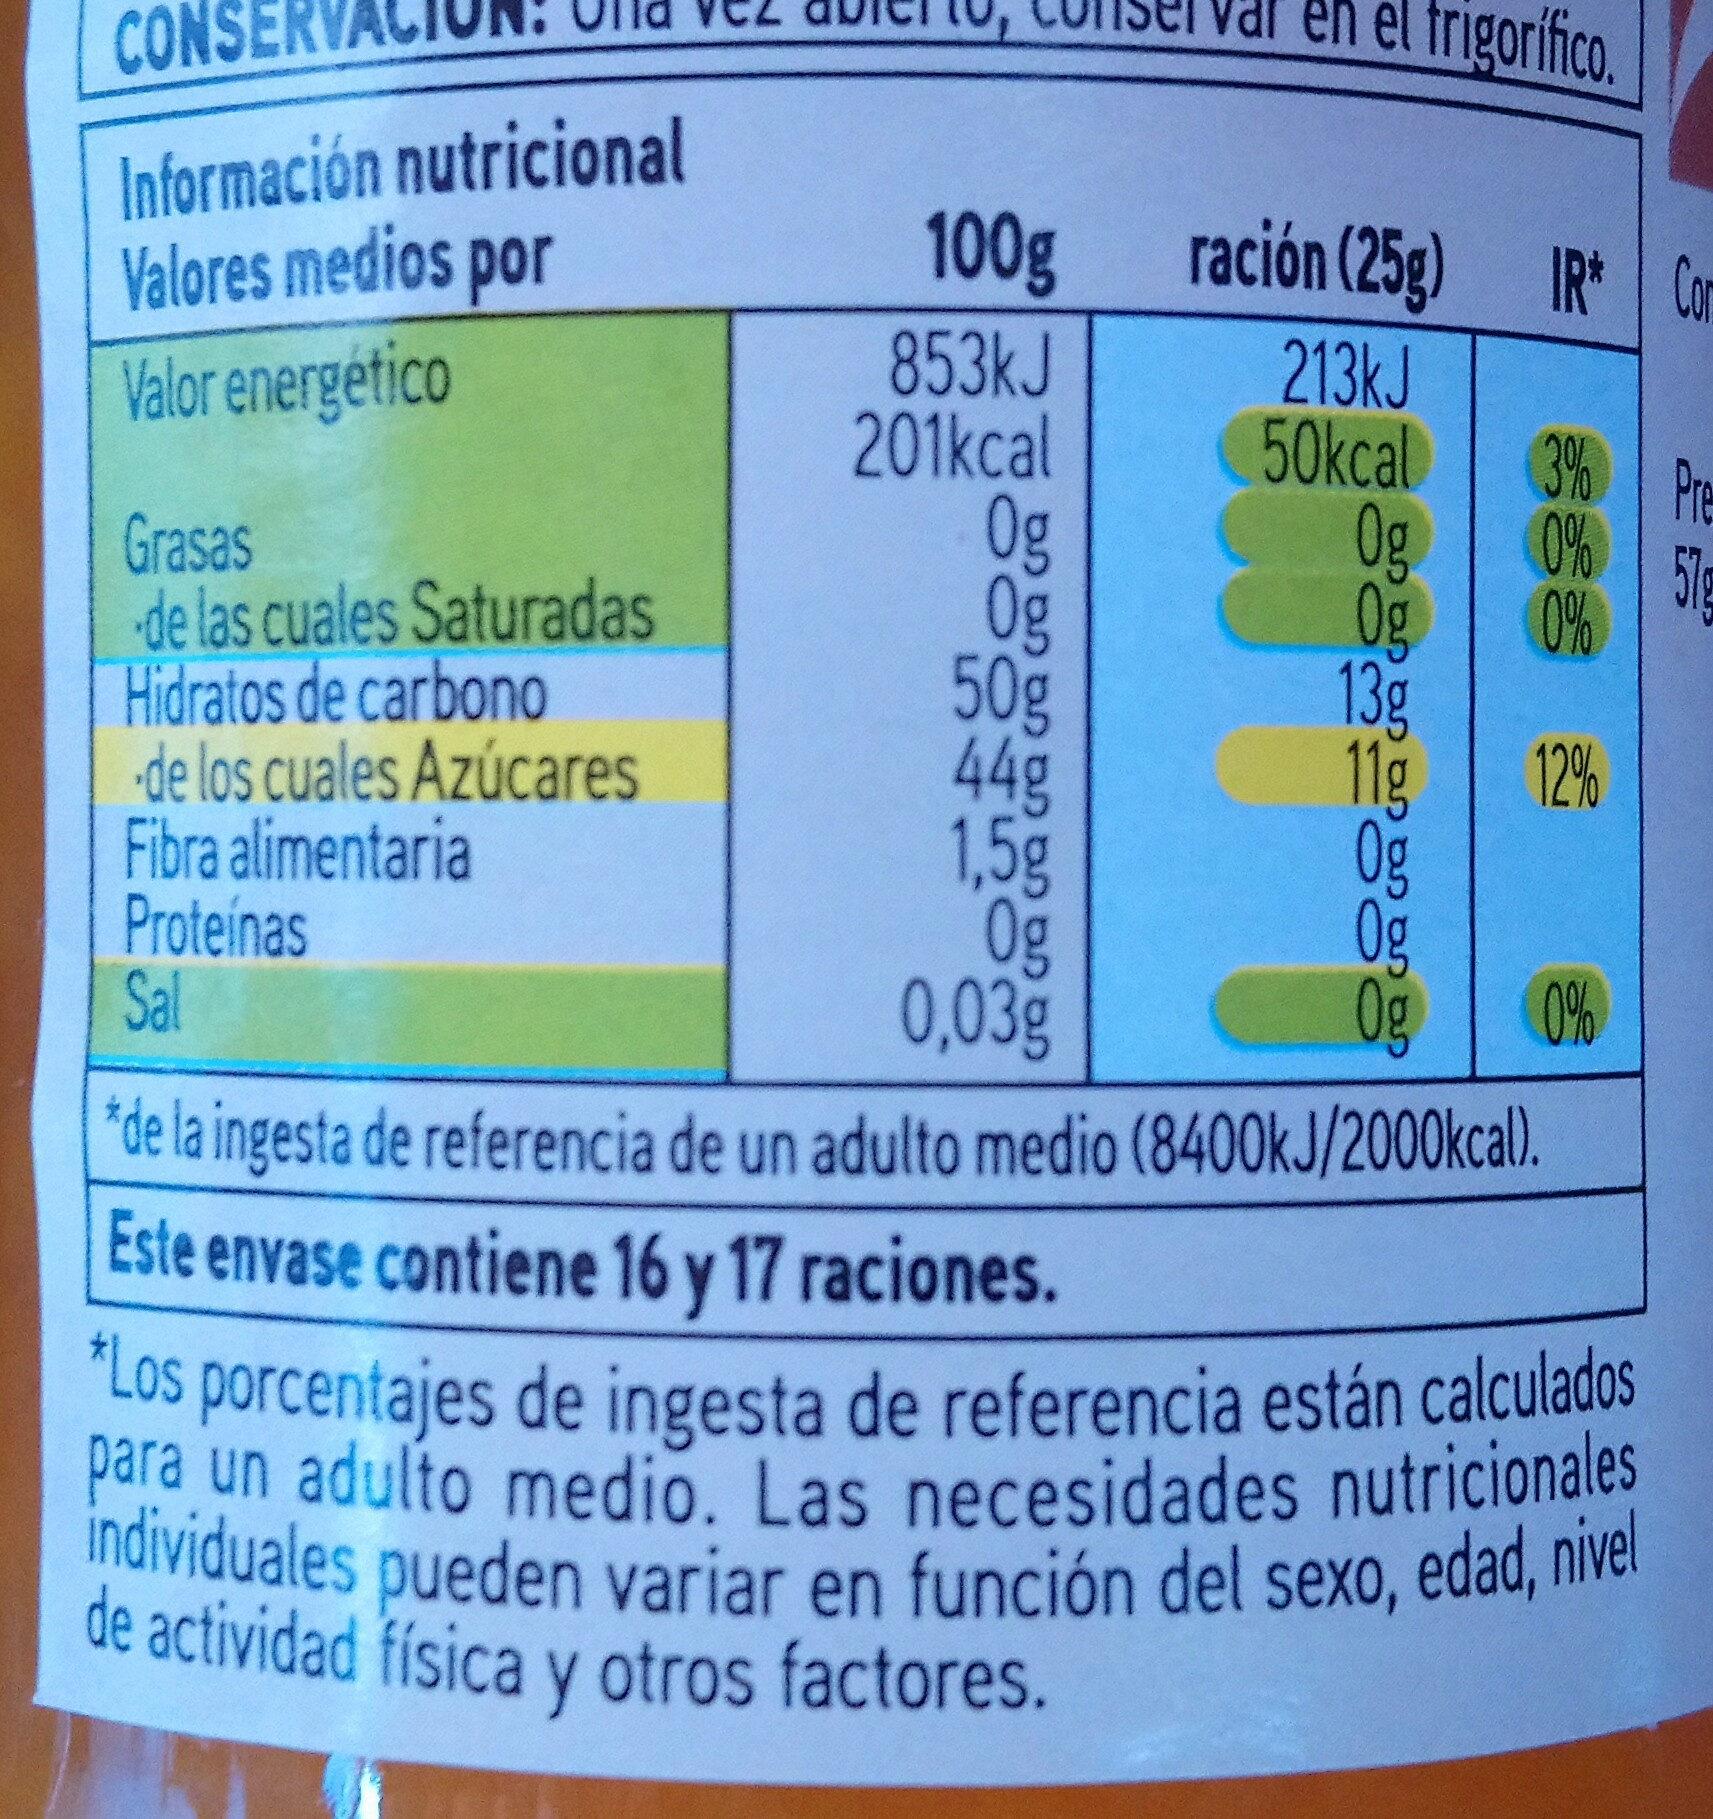 Ermelada de melocotón - Información nutricional - es